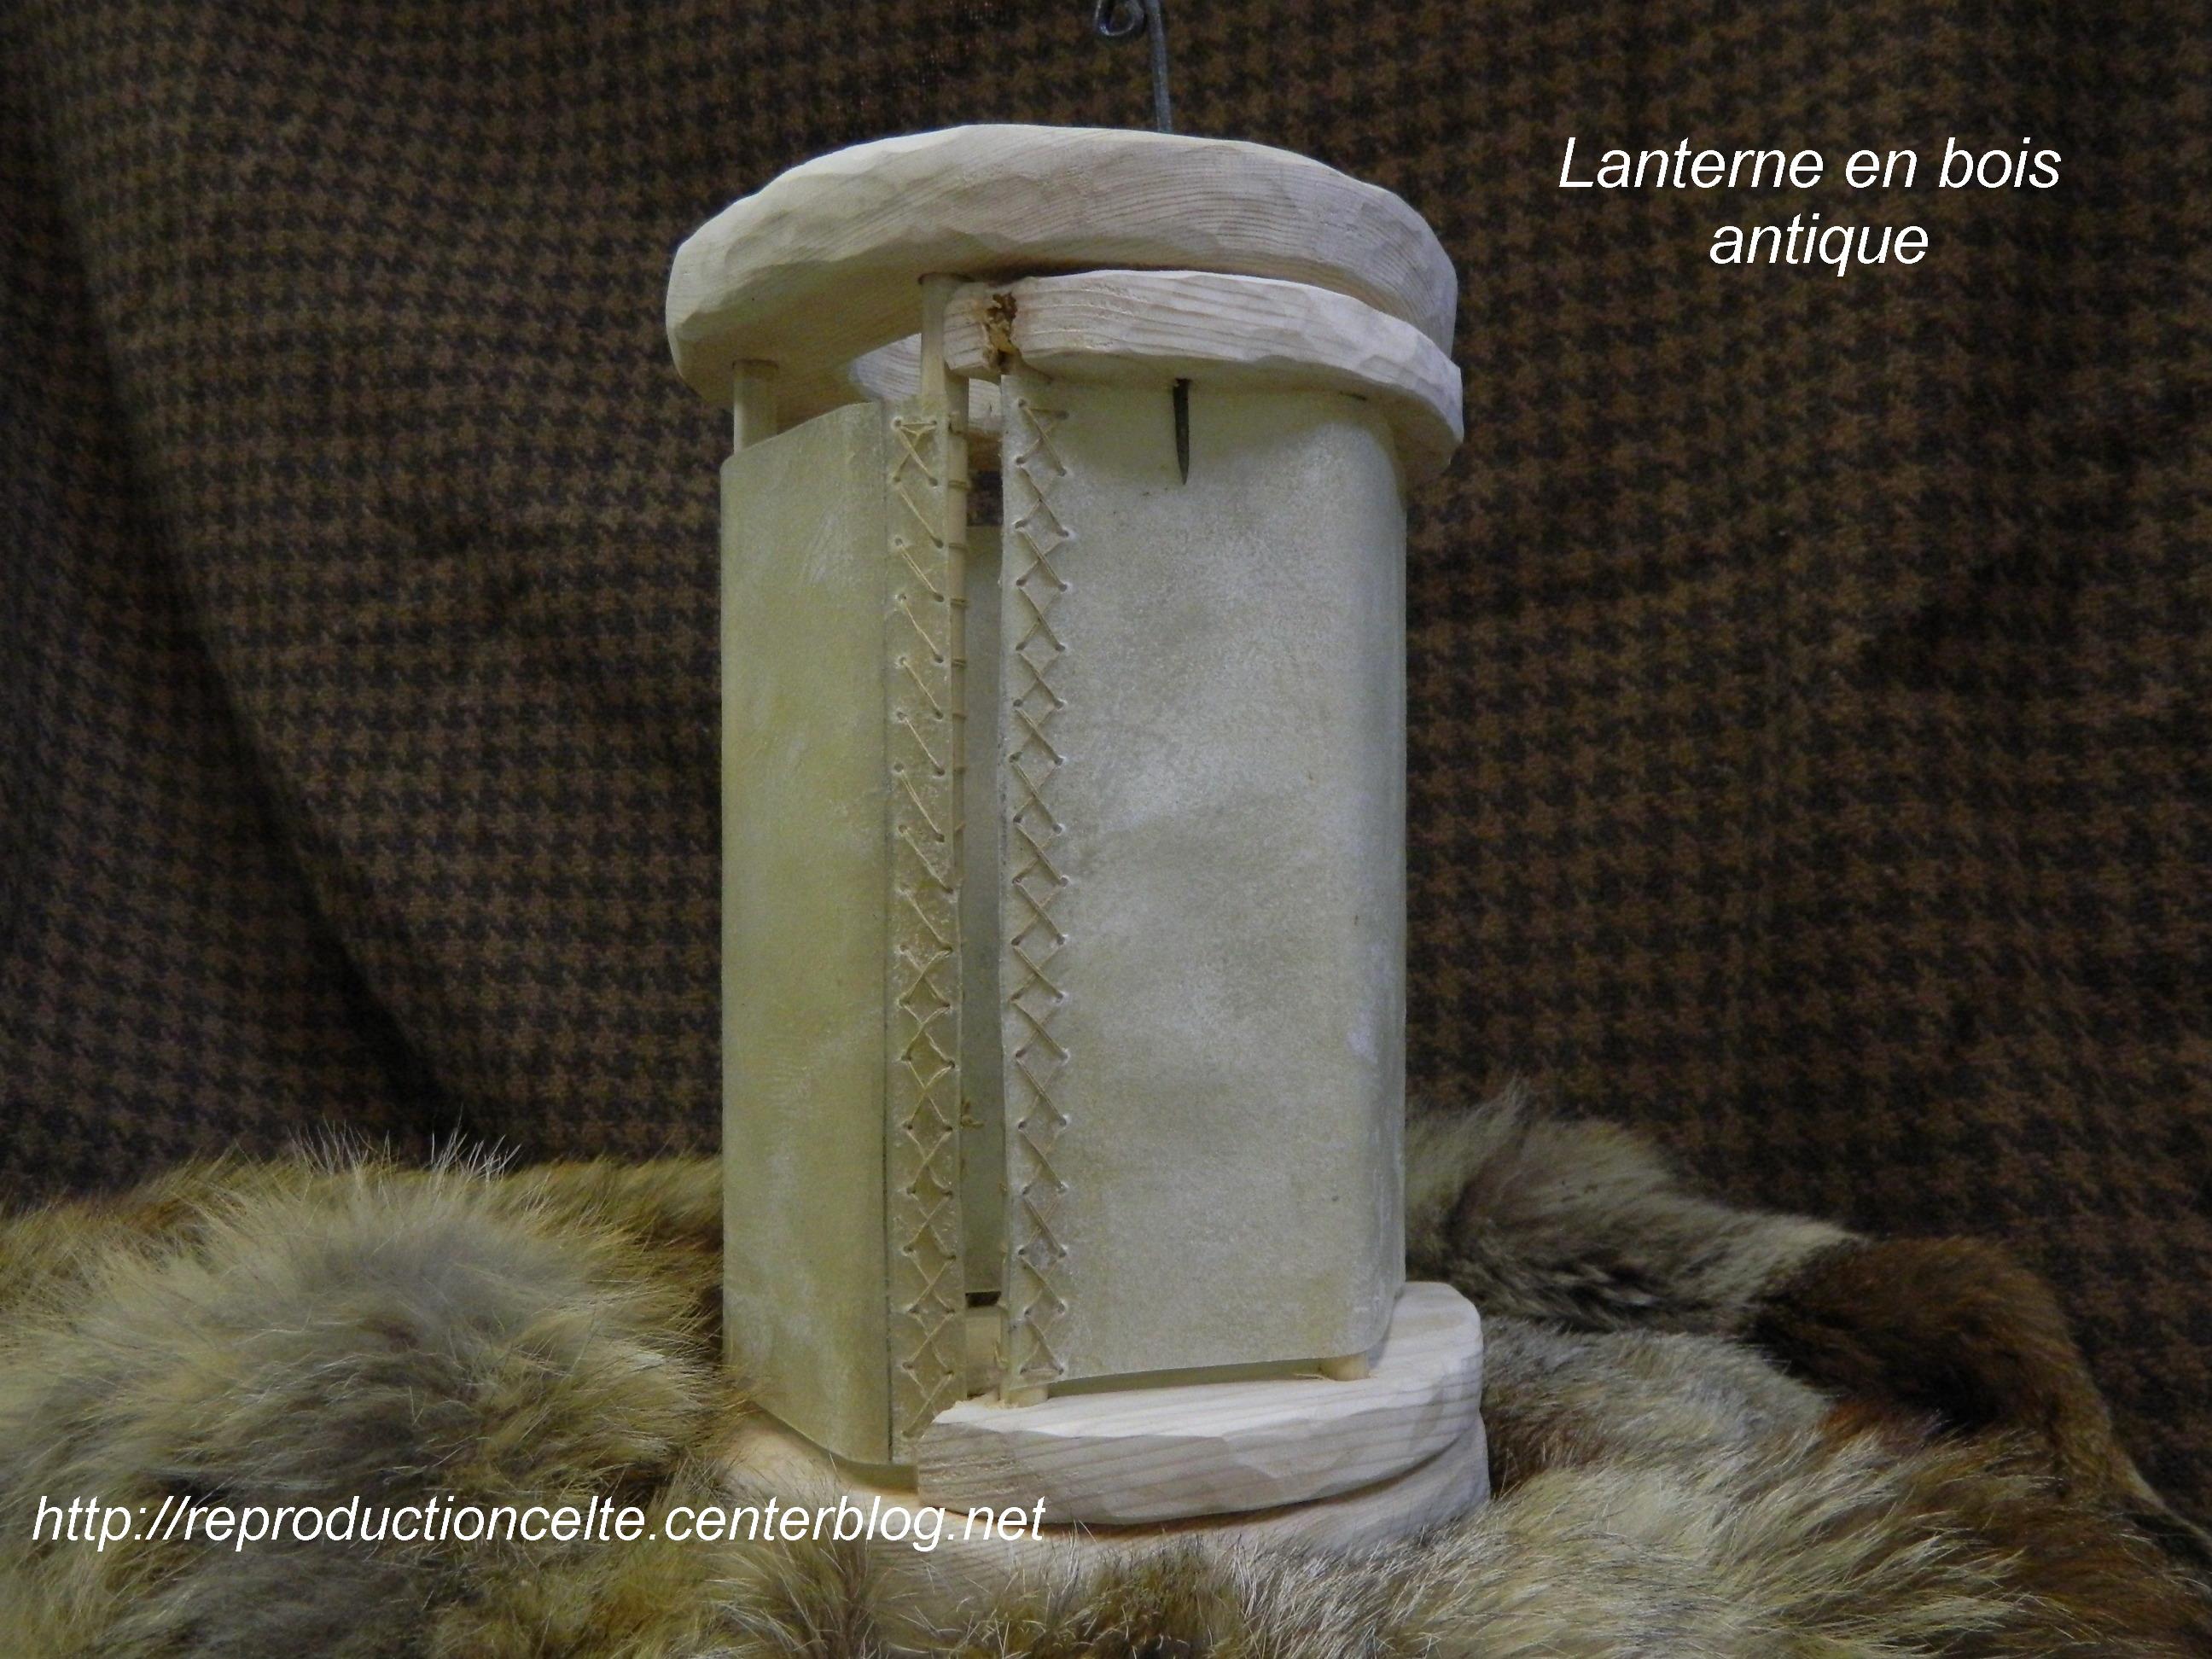 Lanterne antique m di vale en bois - Lanterne en bois ...